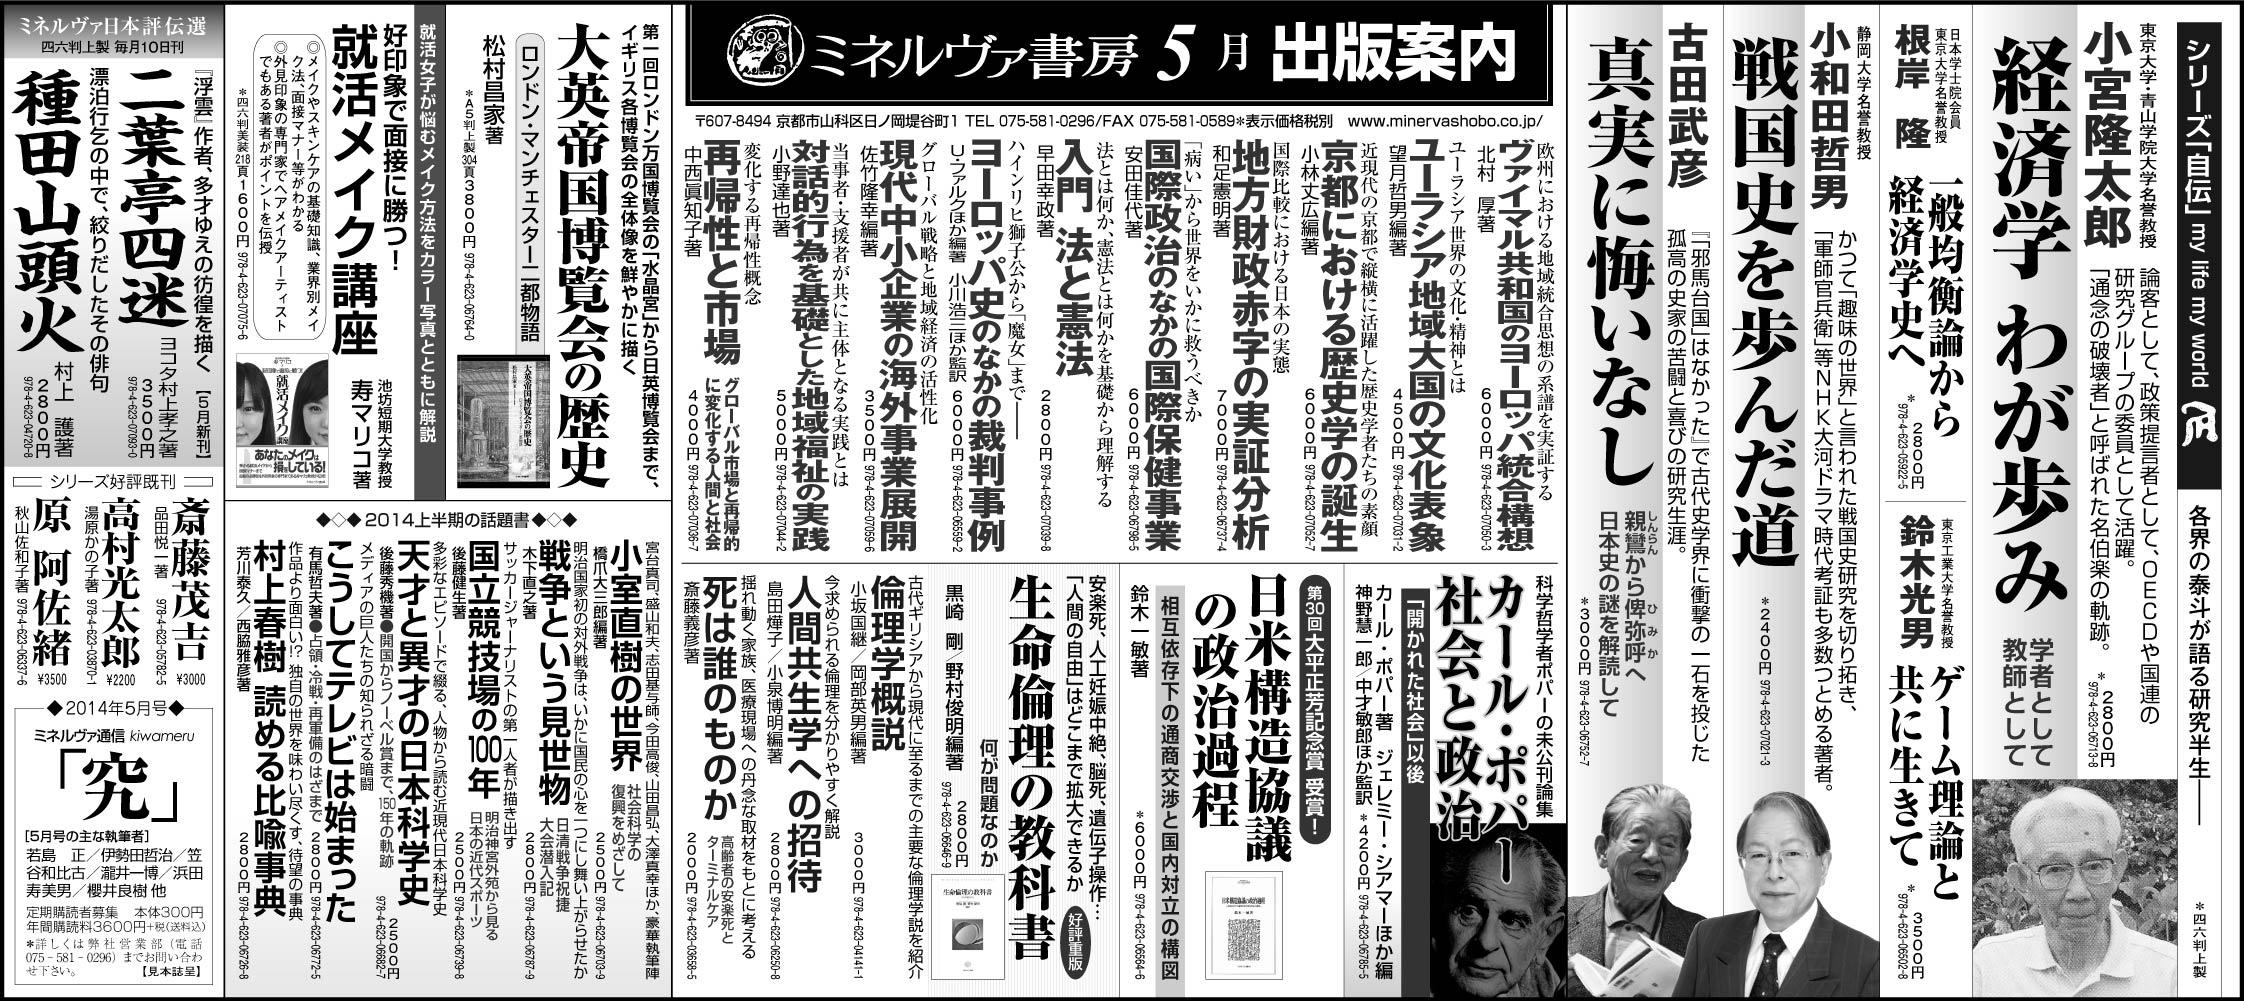 日本経済新聞全5段広告2014年5月18日掲載